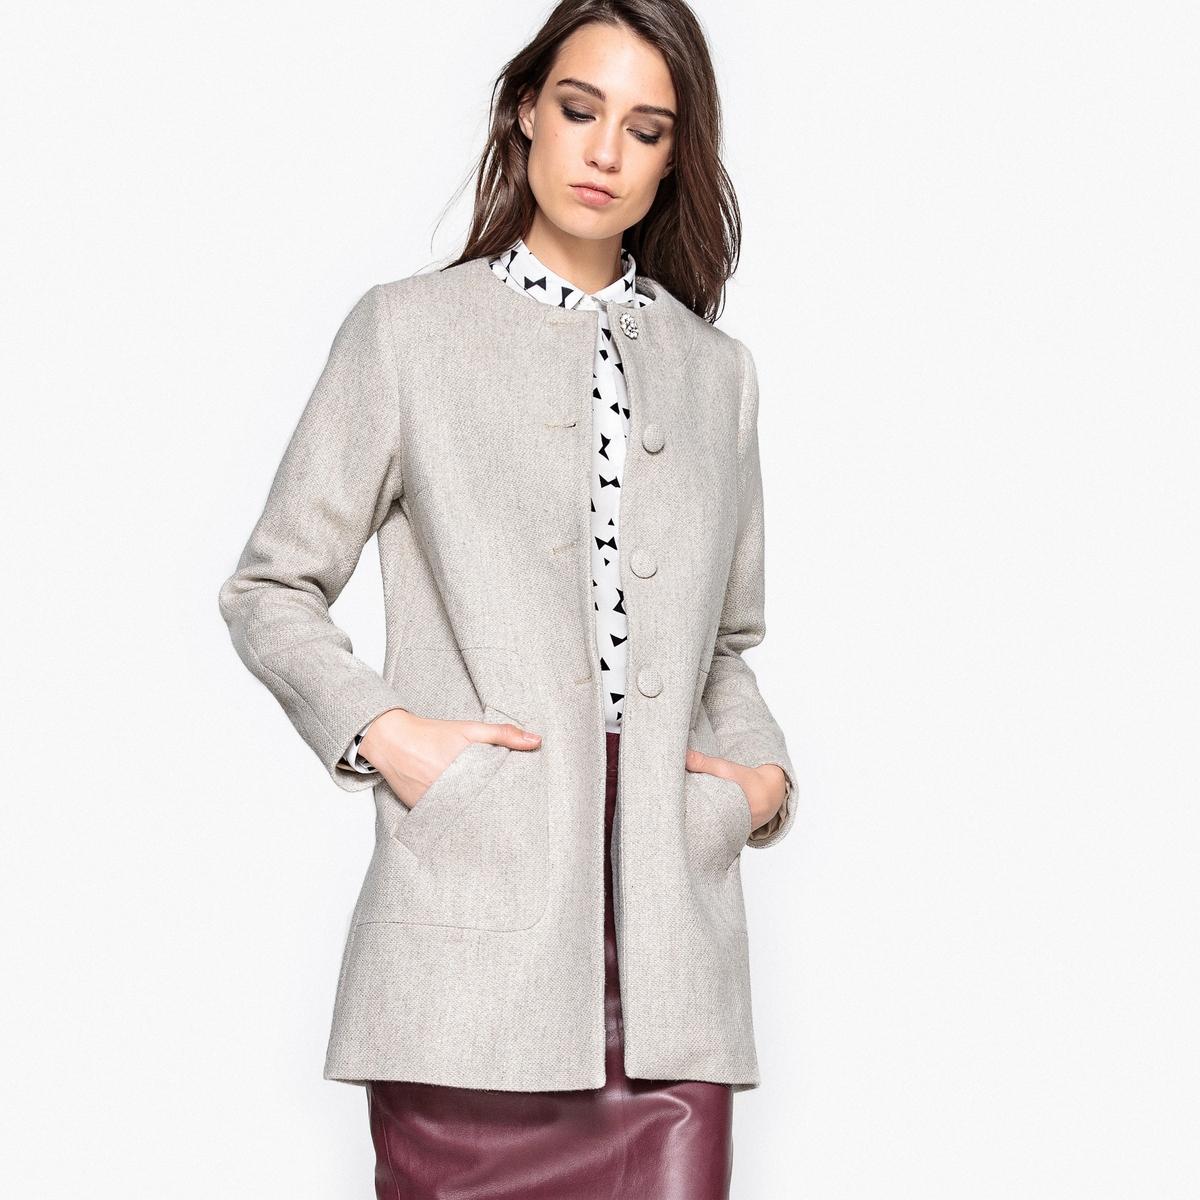 Пальто демисезонное, без воротника, с декоративным украшением